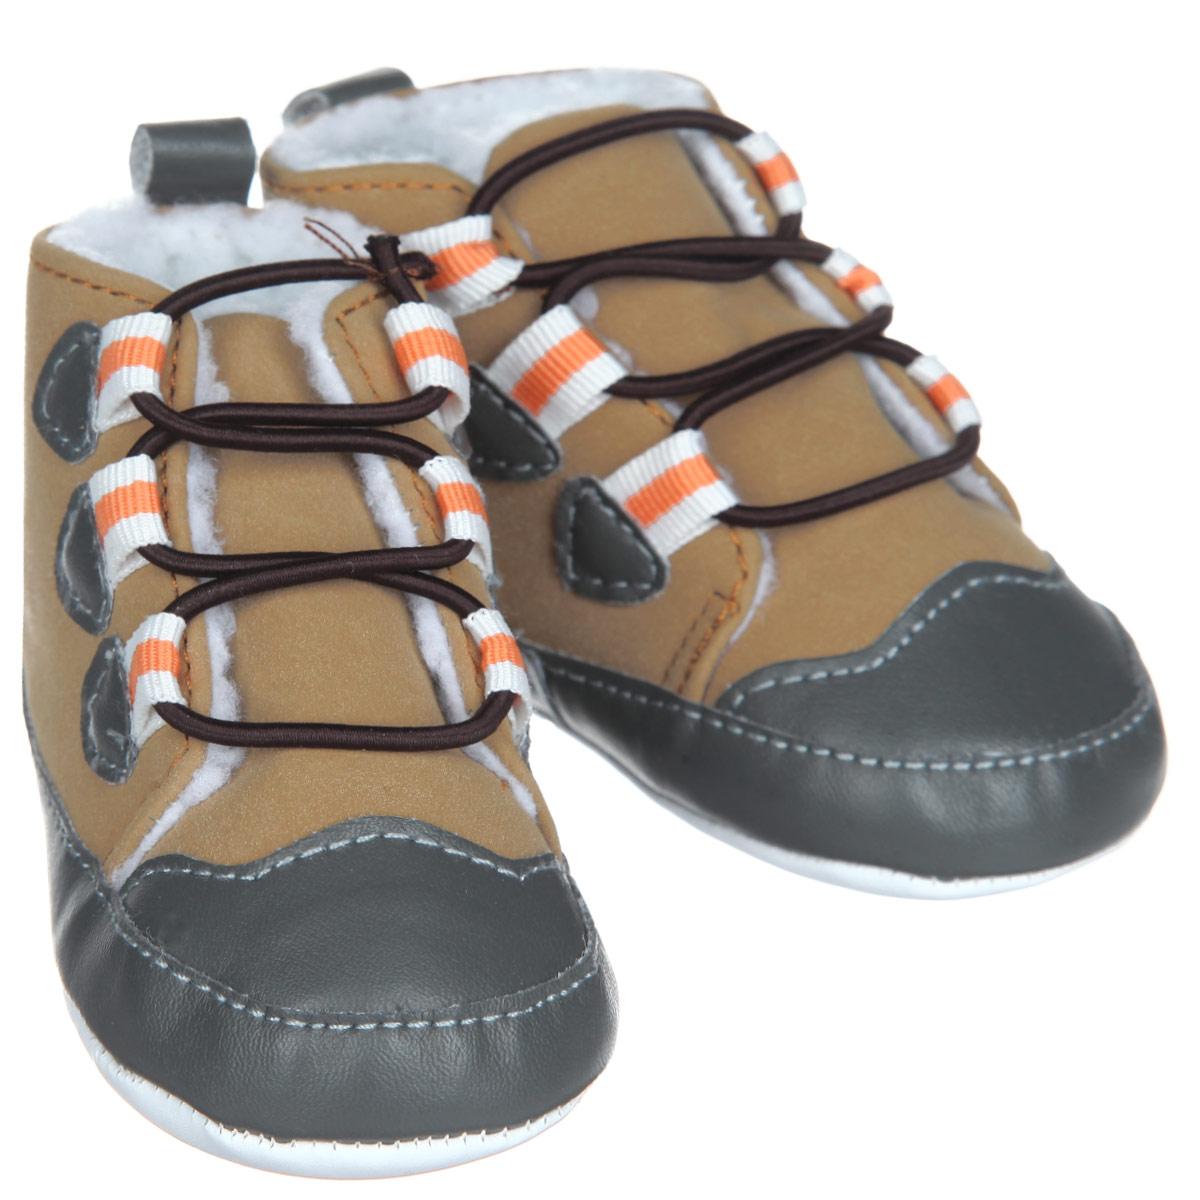 Пинетки11781Стильные пинетки для мальчика Luvable Friends Теплые ботинки отлично подойдут для носки в прохладную погоду. Изделие выполнено из искусственной замши. В качестве подкладки используется искусственная шерсть - шерпа, которая сохранит ножки ребенка в тепле. Модель дополнена эластичной шнуровкой, надежно фиксирующей пинетки на ножке младенца. На стопе предусмотрен прорезиненный рельефный рисунок, благодаря которому ребенок не будет скользить. Мягкие, не сдавливающие ножку материалы делают модель практичной и популярной. Такие пинетки - отличное решение для малышей и их родителей!